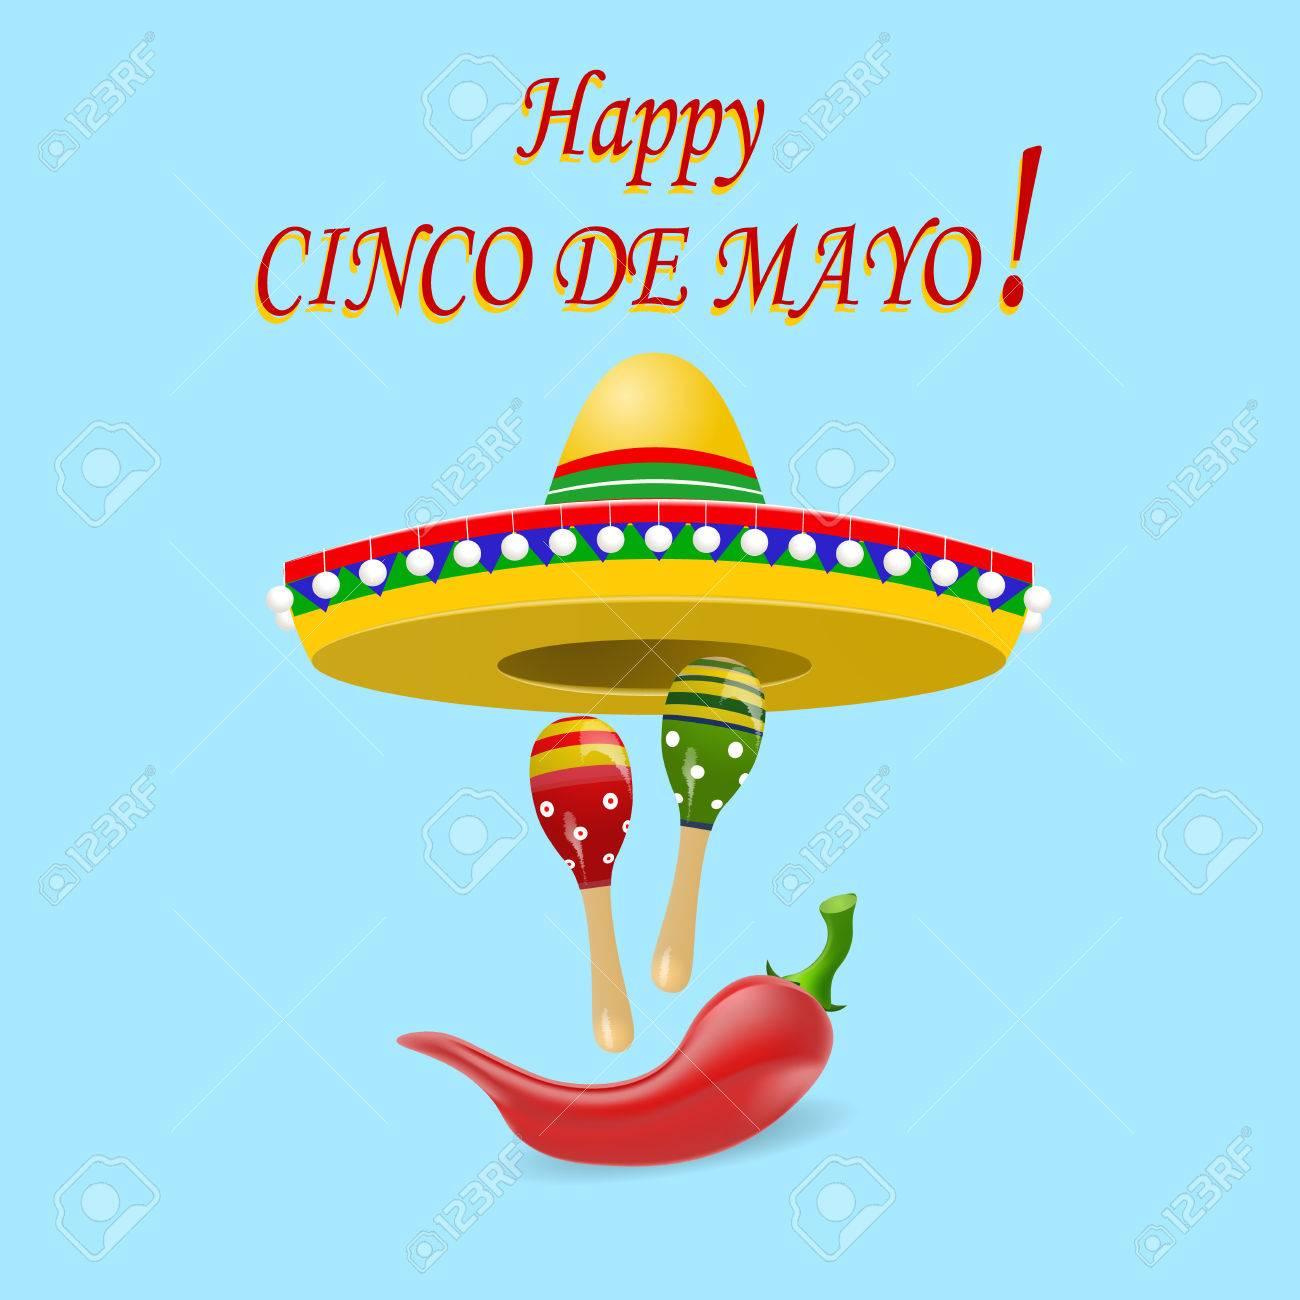 Foto de archivo - La inscripción del feliz Cinco de Mayo. Sombrero 3b8def24f2c